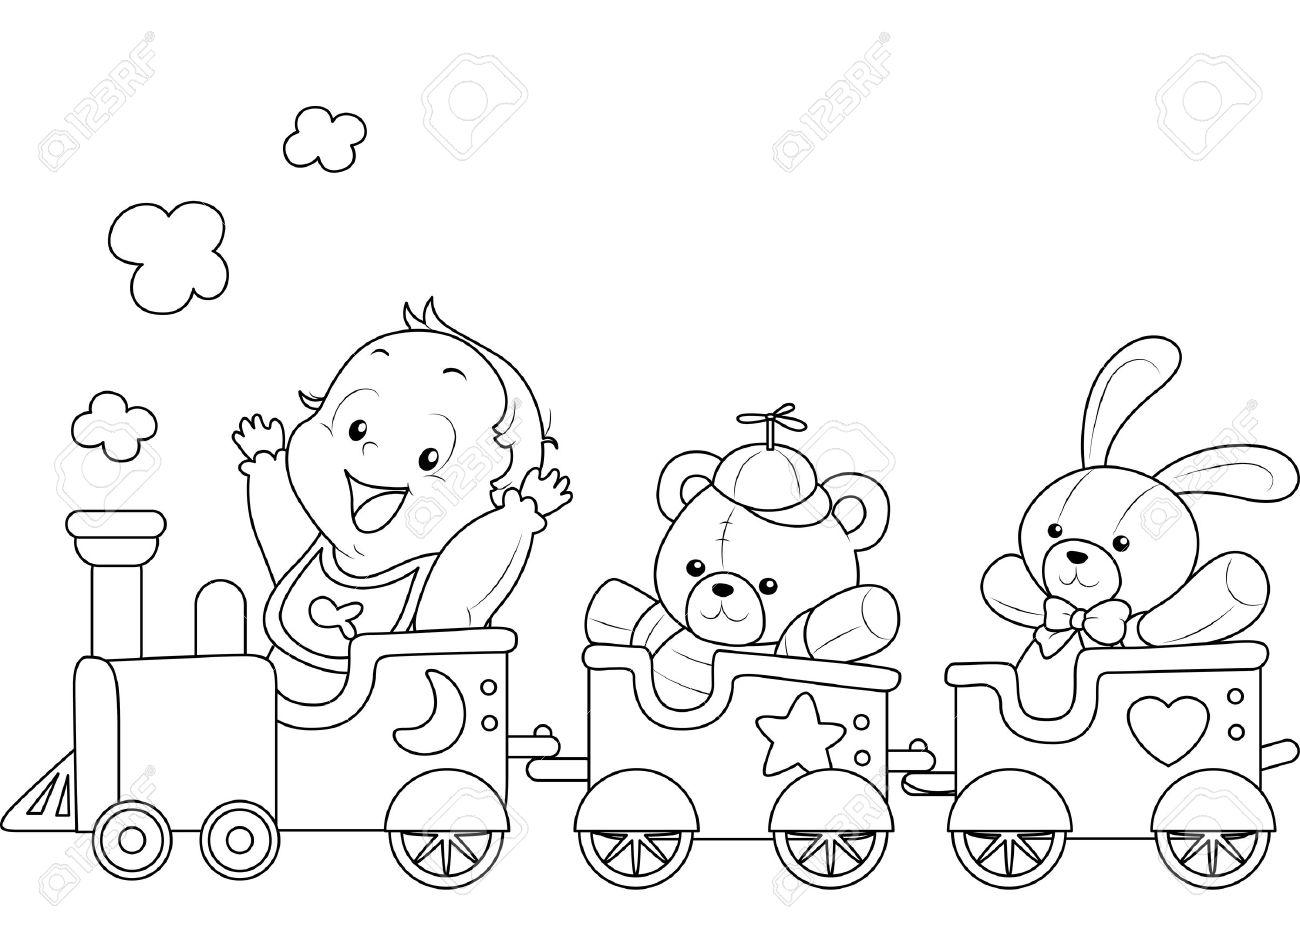 10 Dibujos De Trenes Infantiles Para Colorear